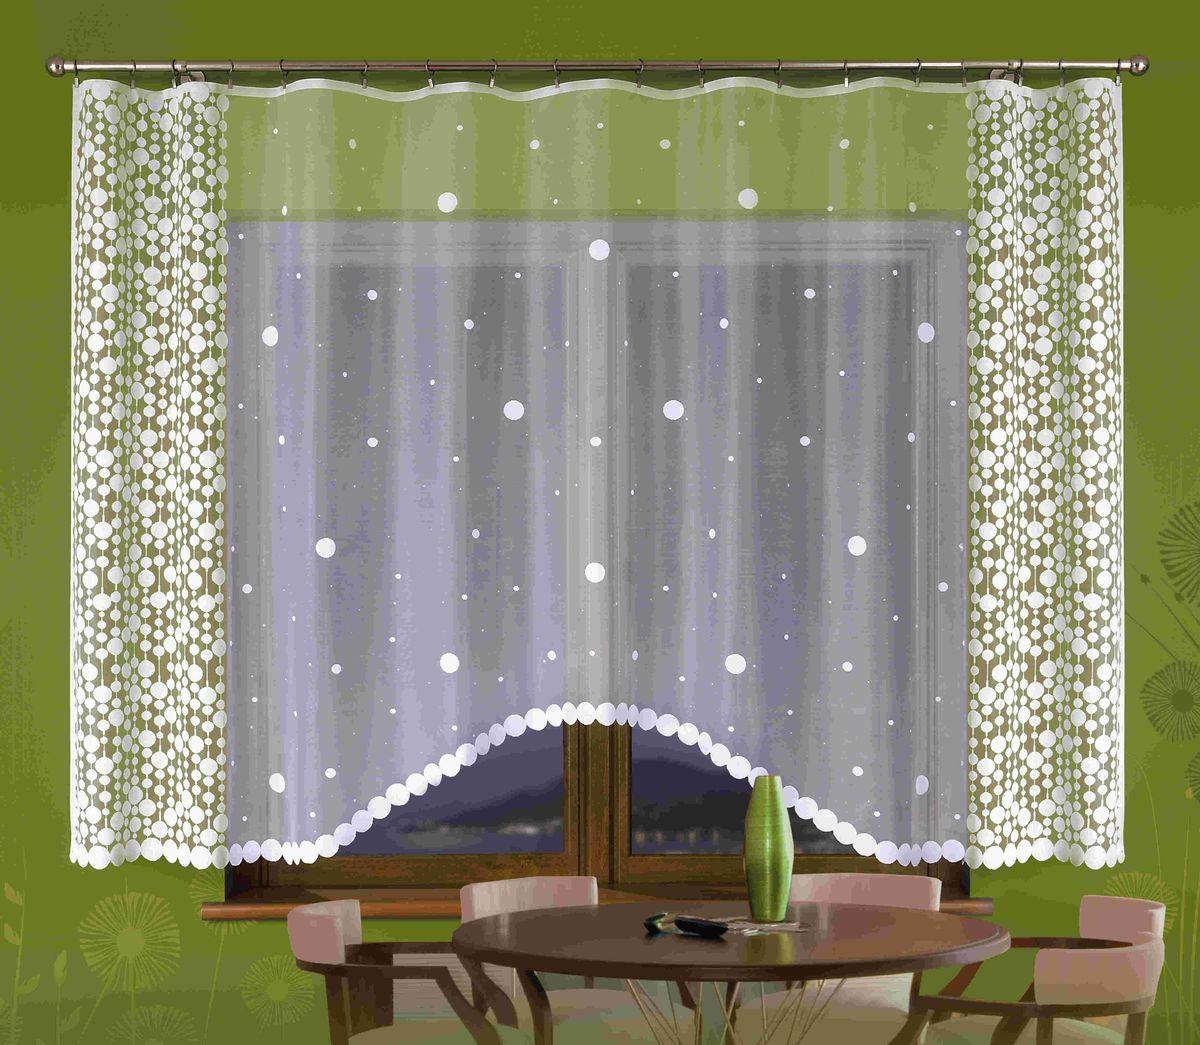 Гардина Wisan Halka, цвет: белый, высота 180 смGC013/00Воздушная гардина Wisan Halka, изготовленная из полиэстера, станет великолепным украшением любого окна. Изделие, оформленное принтом в горох, привлечет к себе внимание и органично впишется в интерьер комнаты. Оригинальное оформление гардины внесет разнообразие и подарит заряд положительного настроения.Верхняя часть гардины не оснащена креплениями.